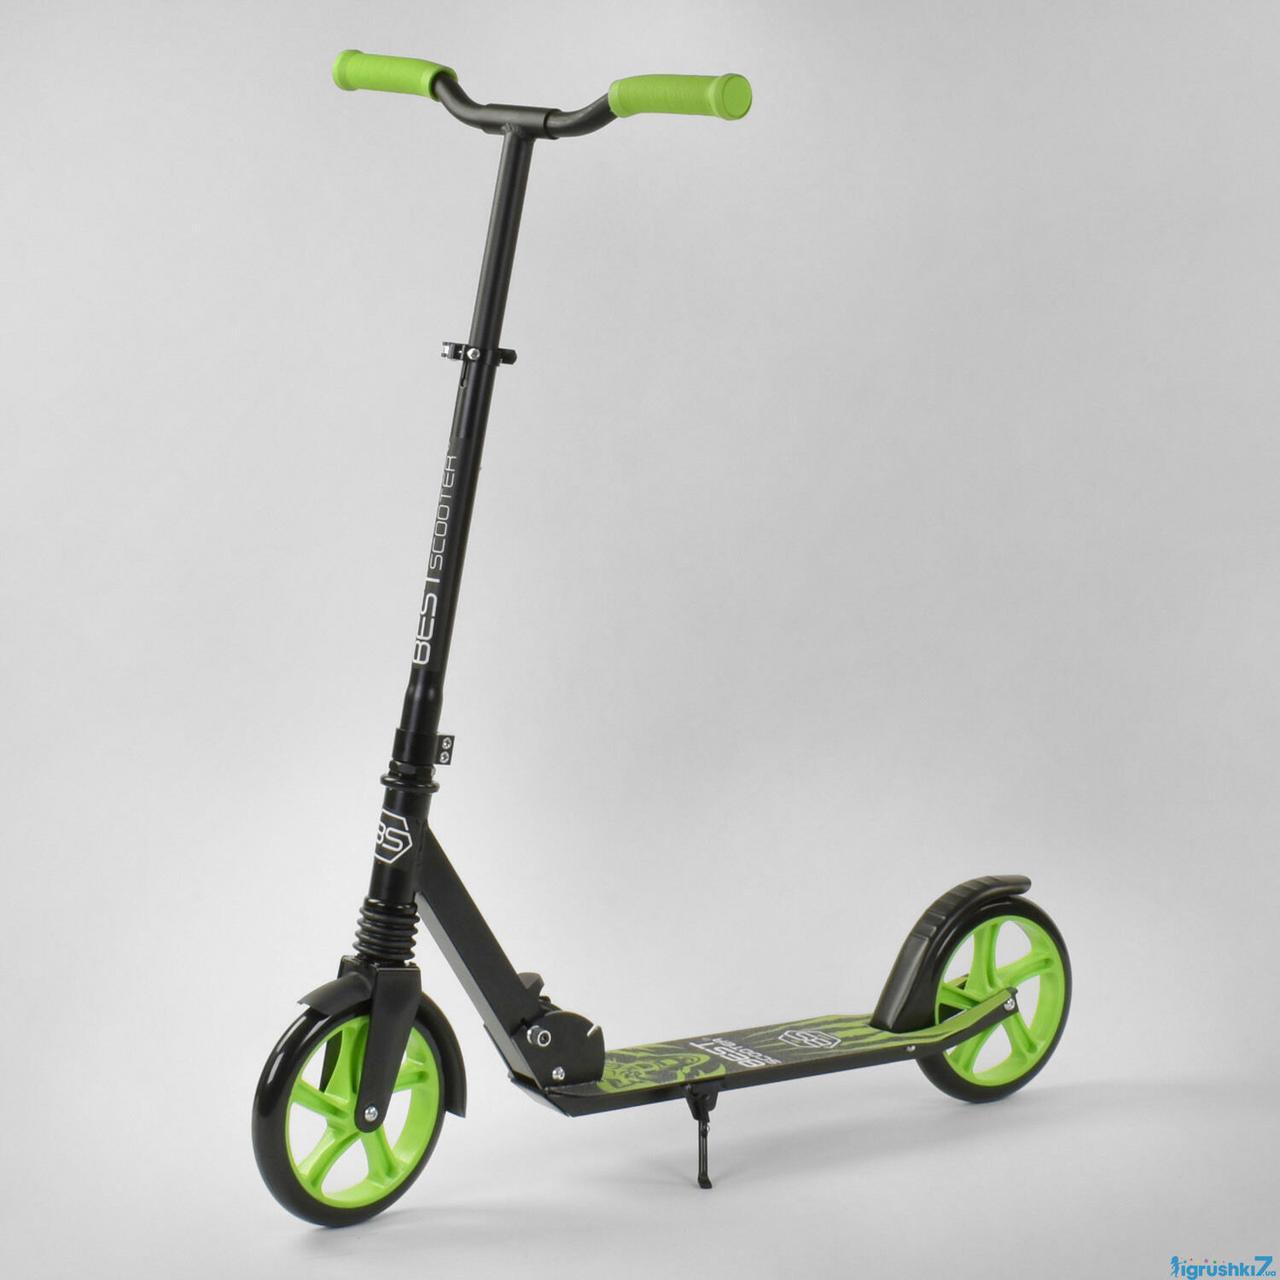 Самокат детский двухколесный складной Best Scooter 21478 WOLF амортизатор черно-зеленый